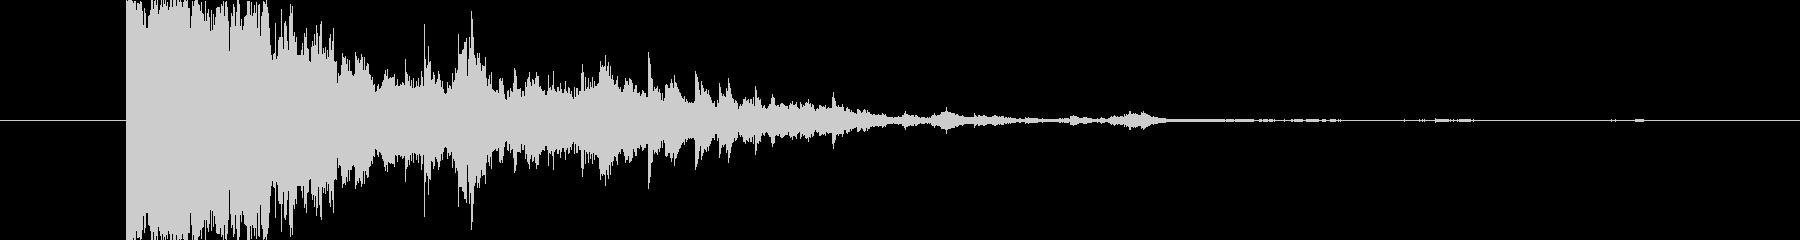 アタックのあるキラキラ〜の未再生の波形